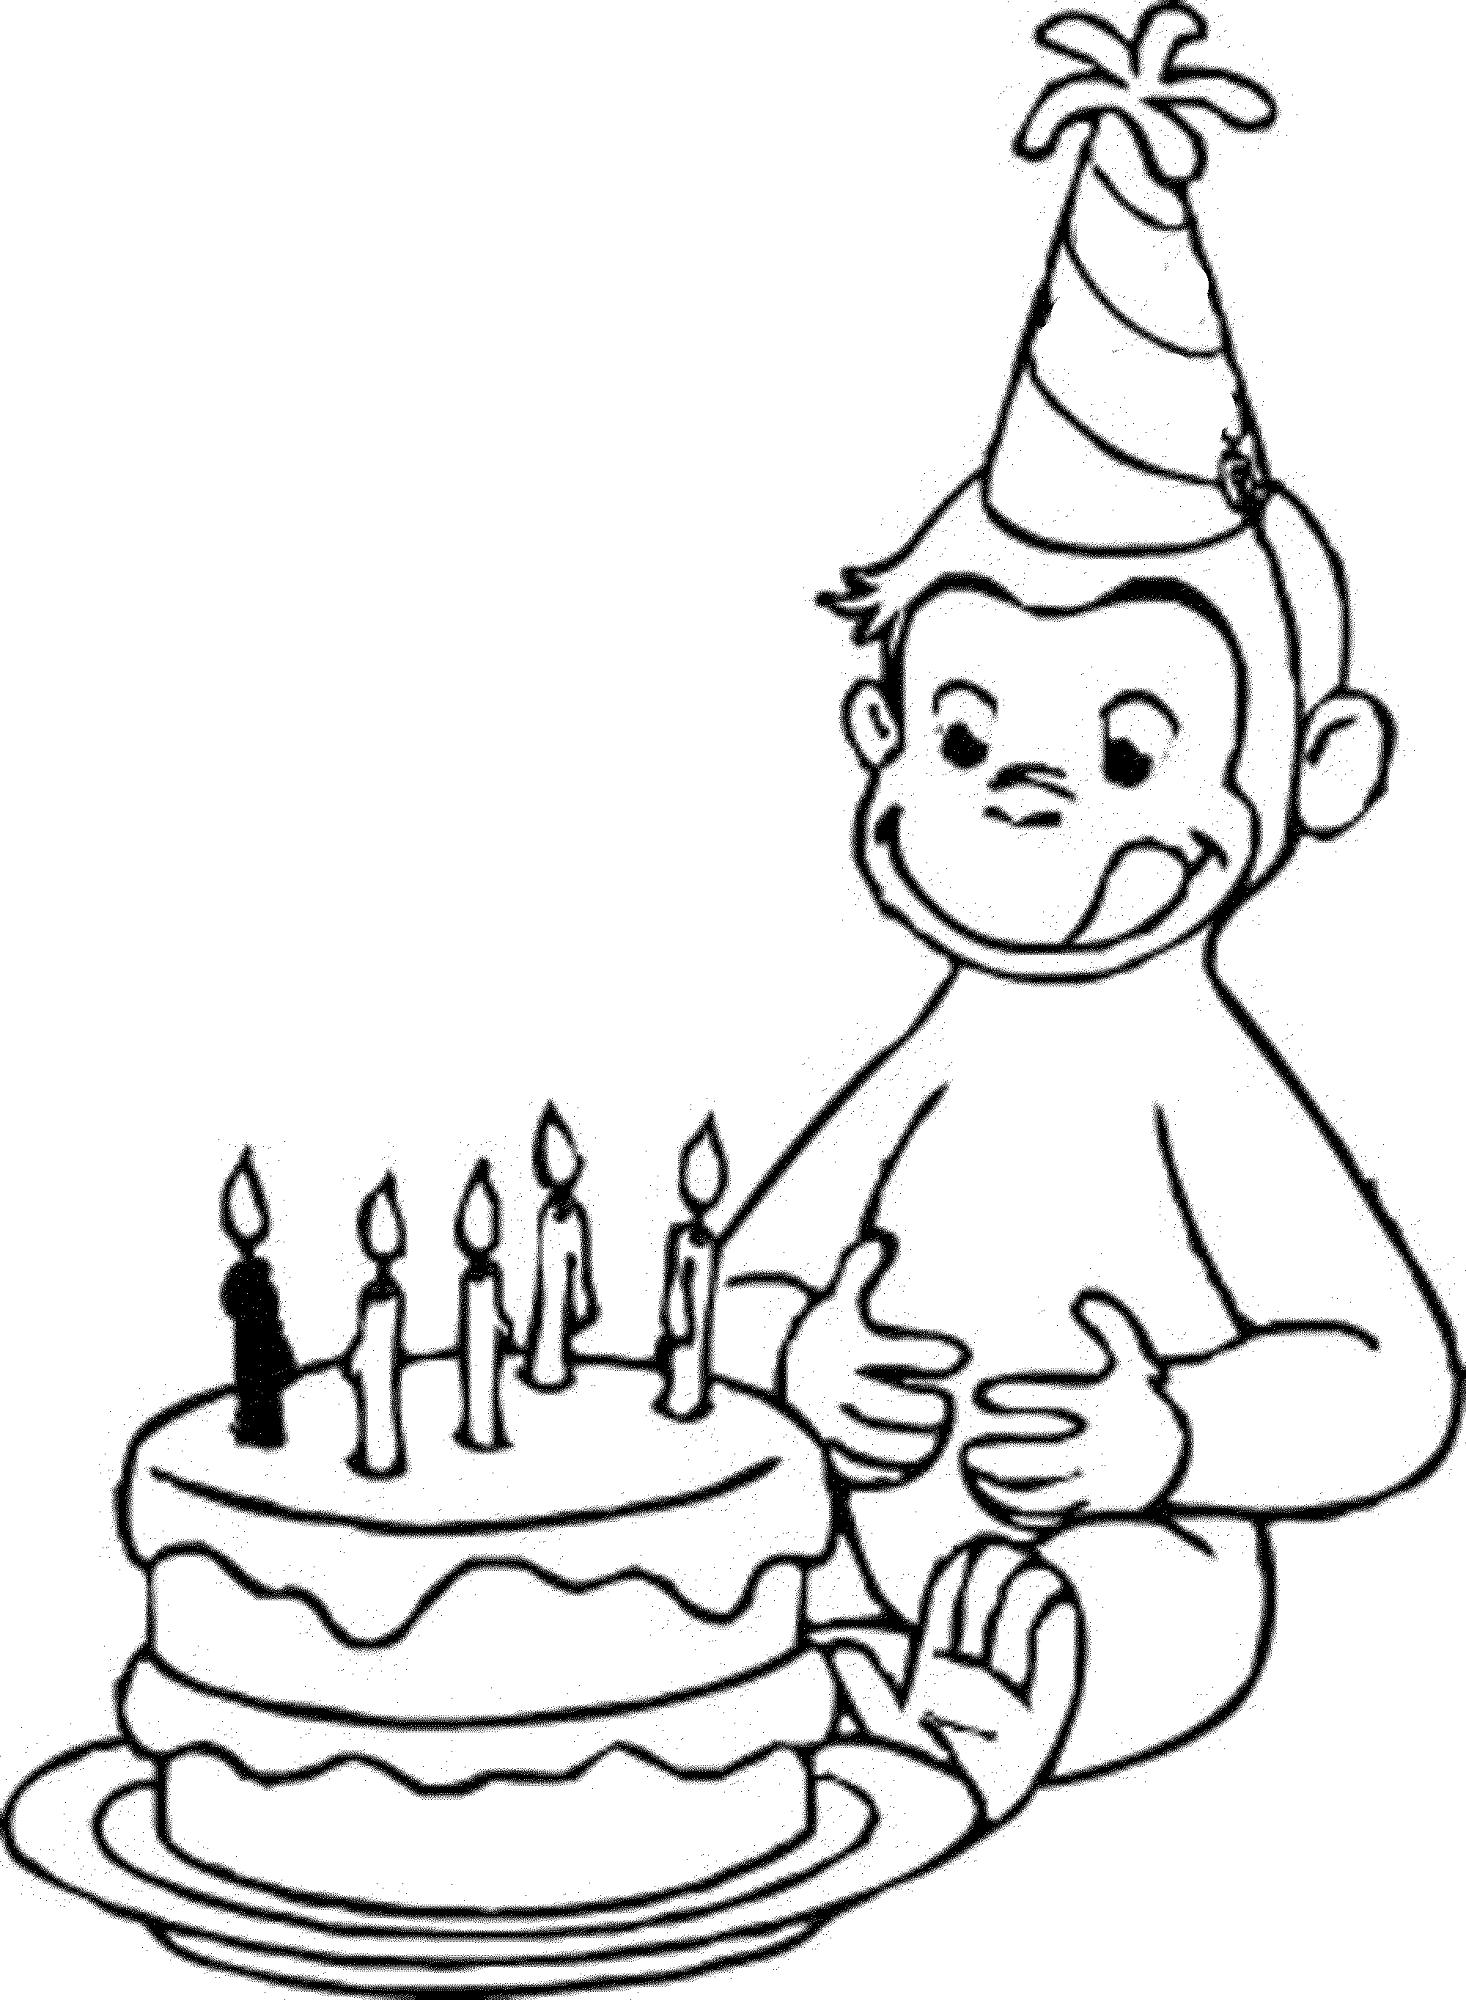 Днем, раскраска с днем рождения мальчику 11 лет